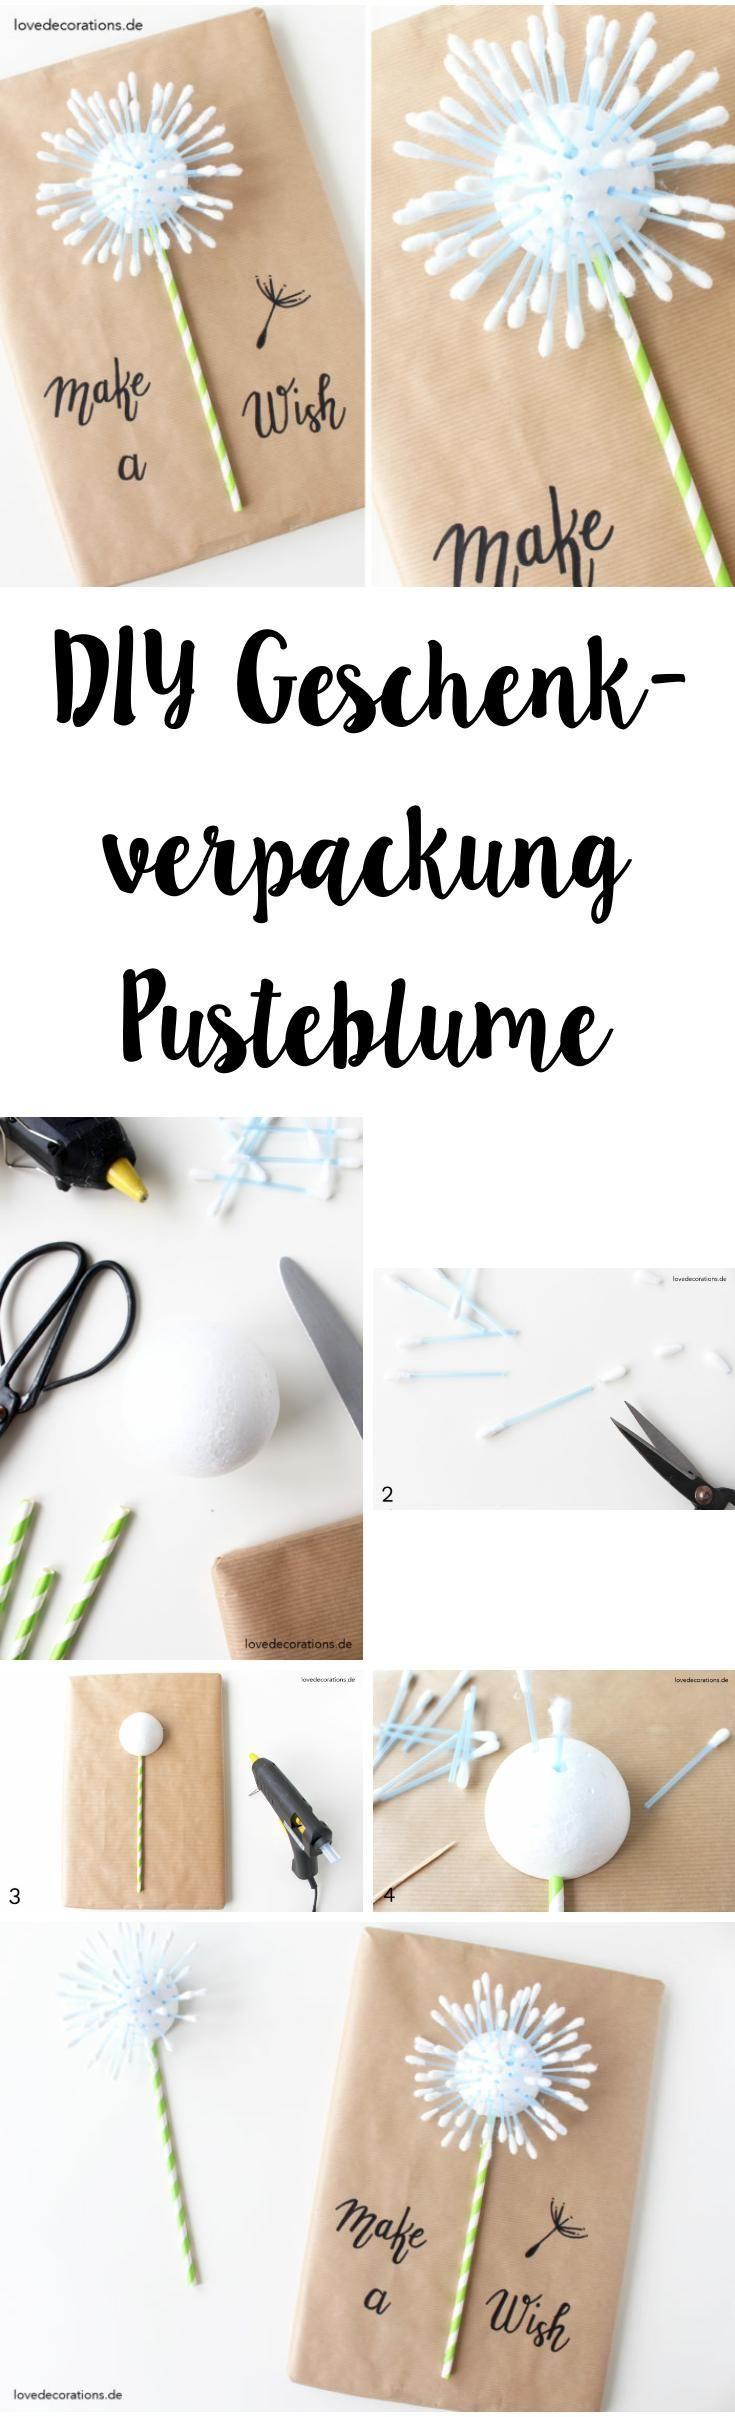 DIY Gift Wrapping: Dandelion | DIY Geschenkverpackung Pusteblume aus Styroporkugel + Wattestäbchen